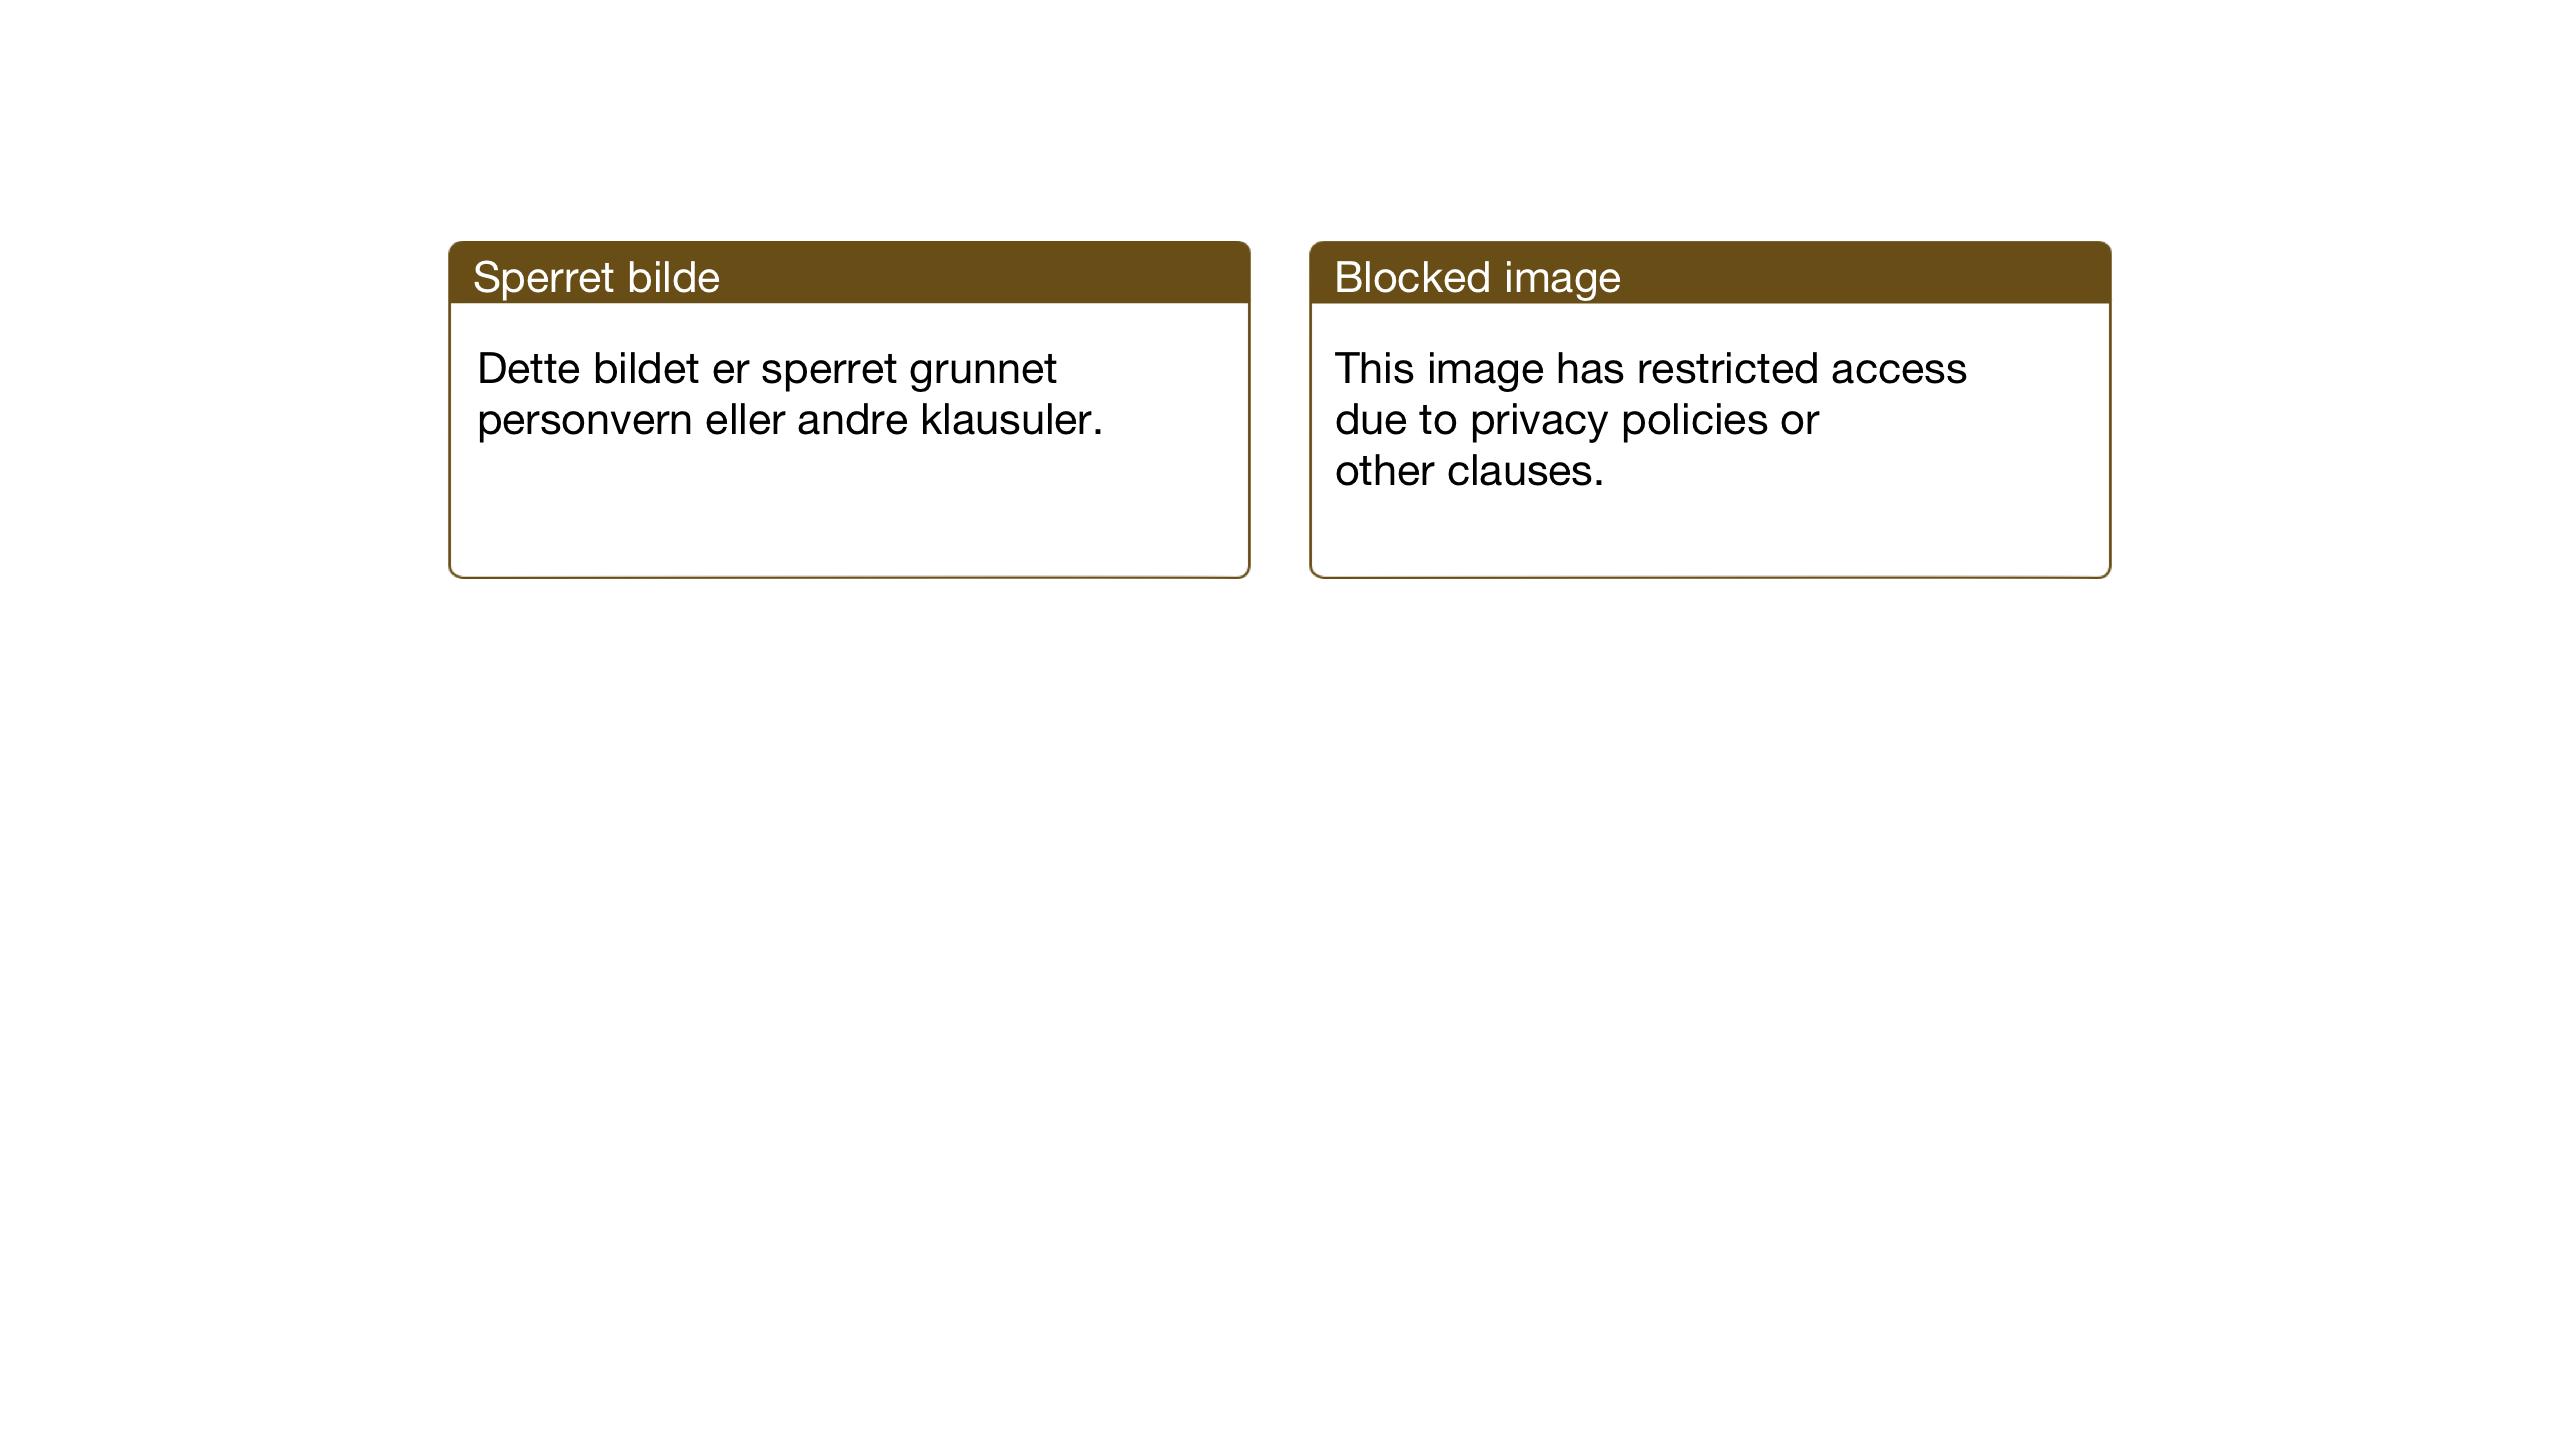 SAT, Ministerialprotokoller, klokkerbøker og fødselsregistre - Sør-Trøndelag, 604/L0227: Klokkerbok nr. 604C10, 1923-1942, s. 101